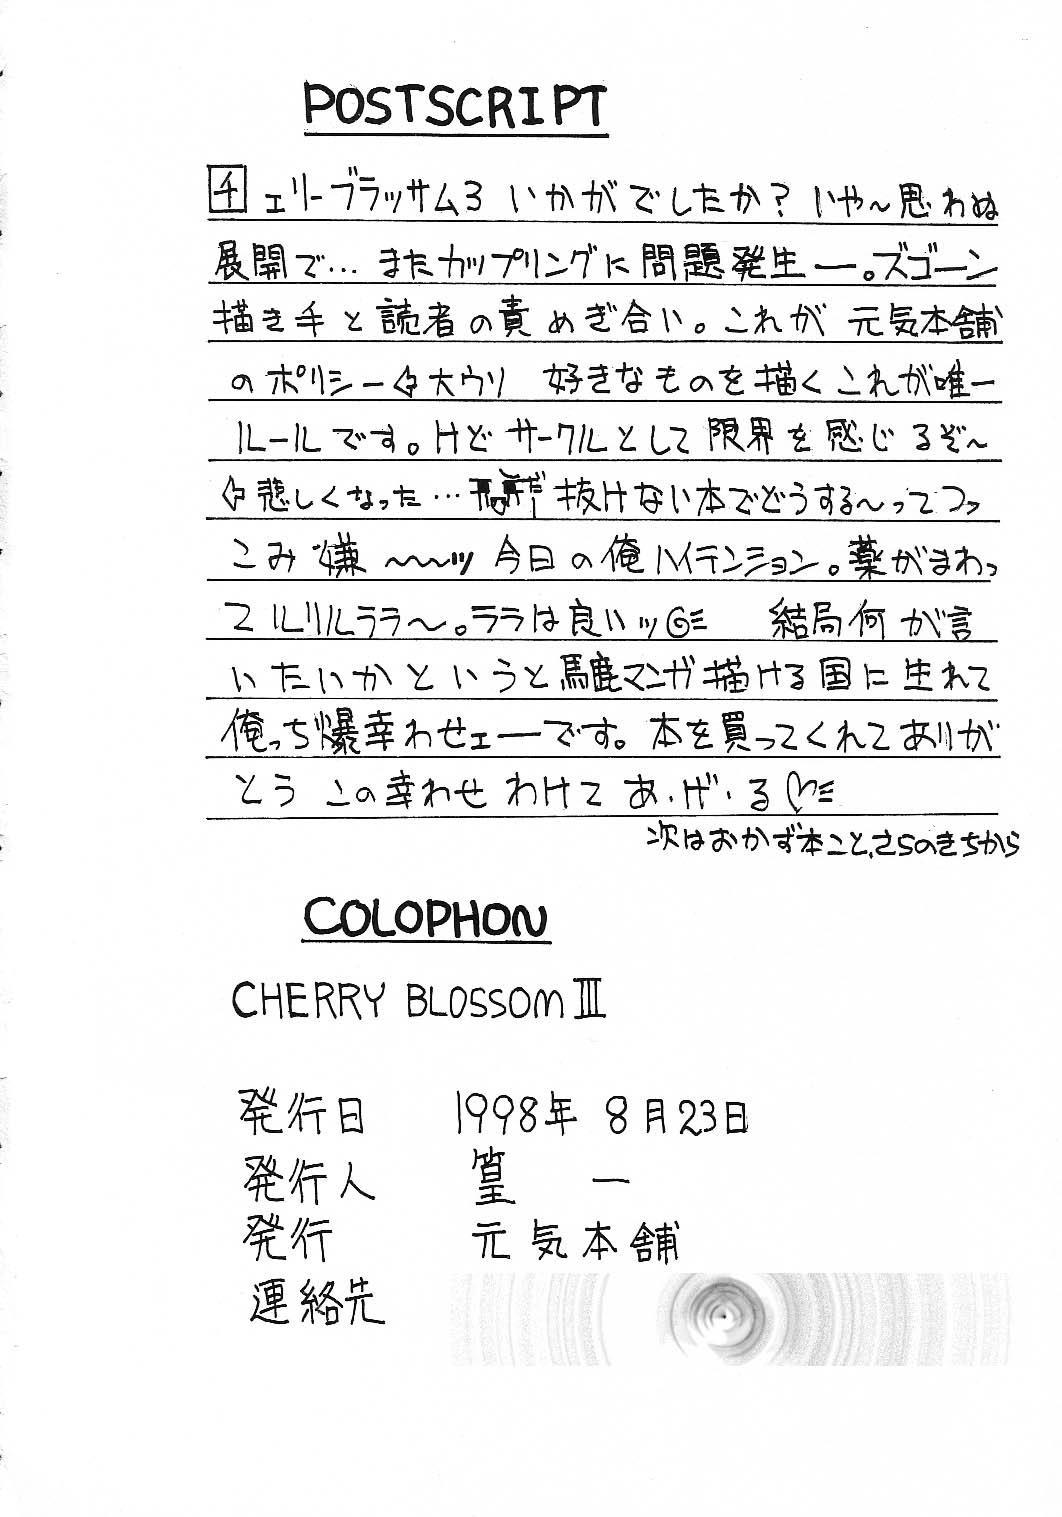 Cherry Blossom 3 48